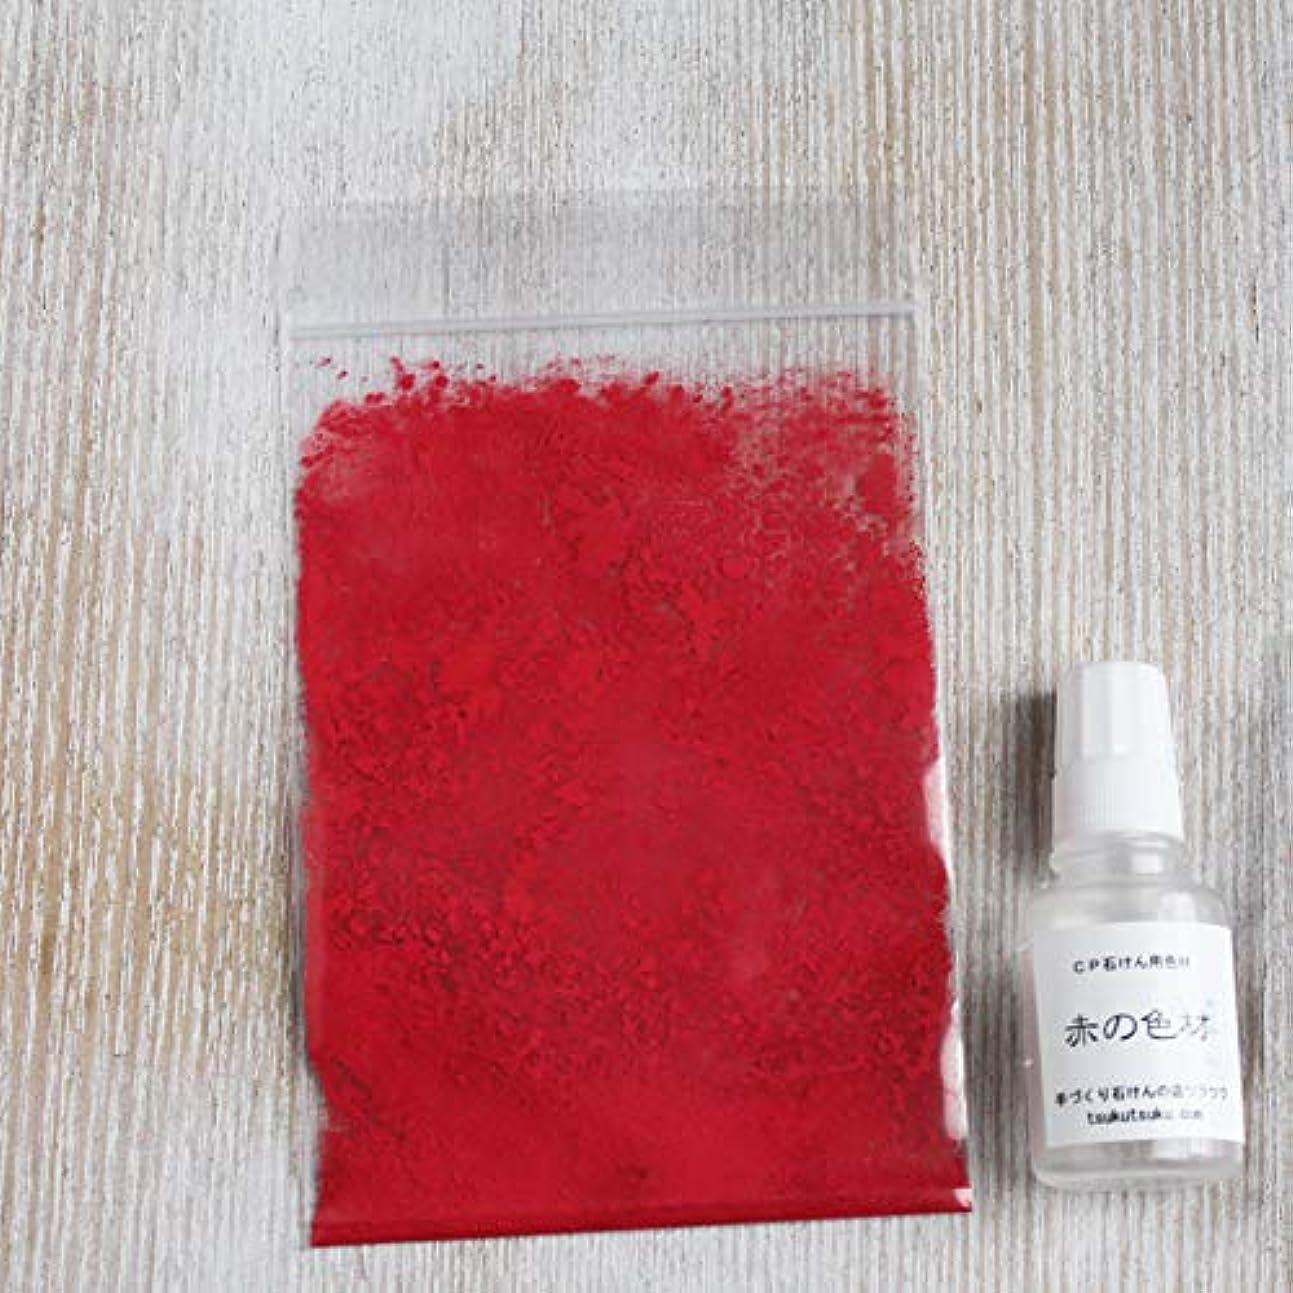 ピアニスト隣人いつかCP石けん用色材 赤の色材キット/手作り石けん?手作り化粧品材料